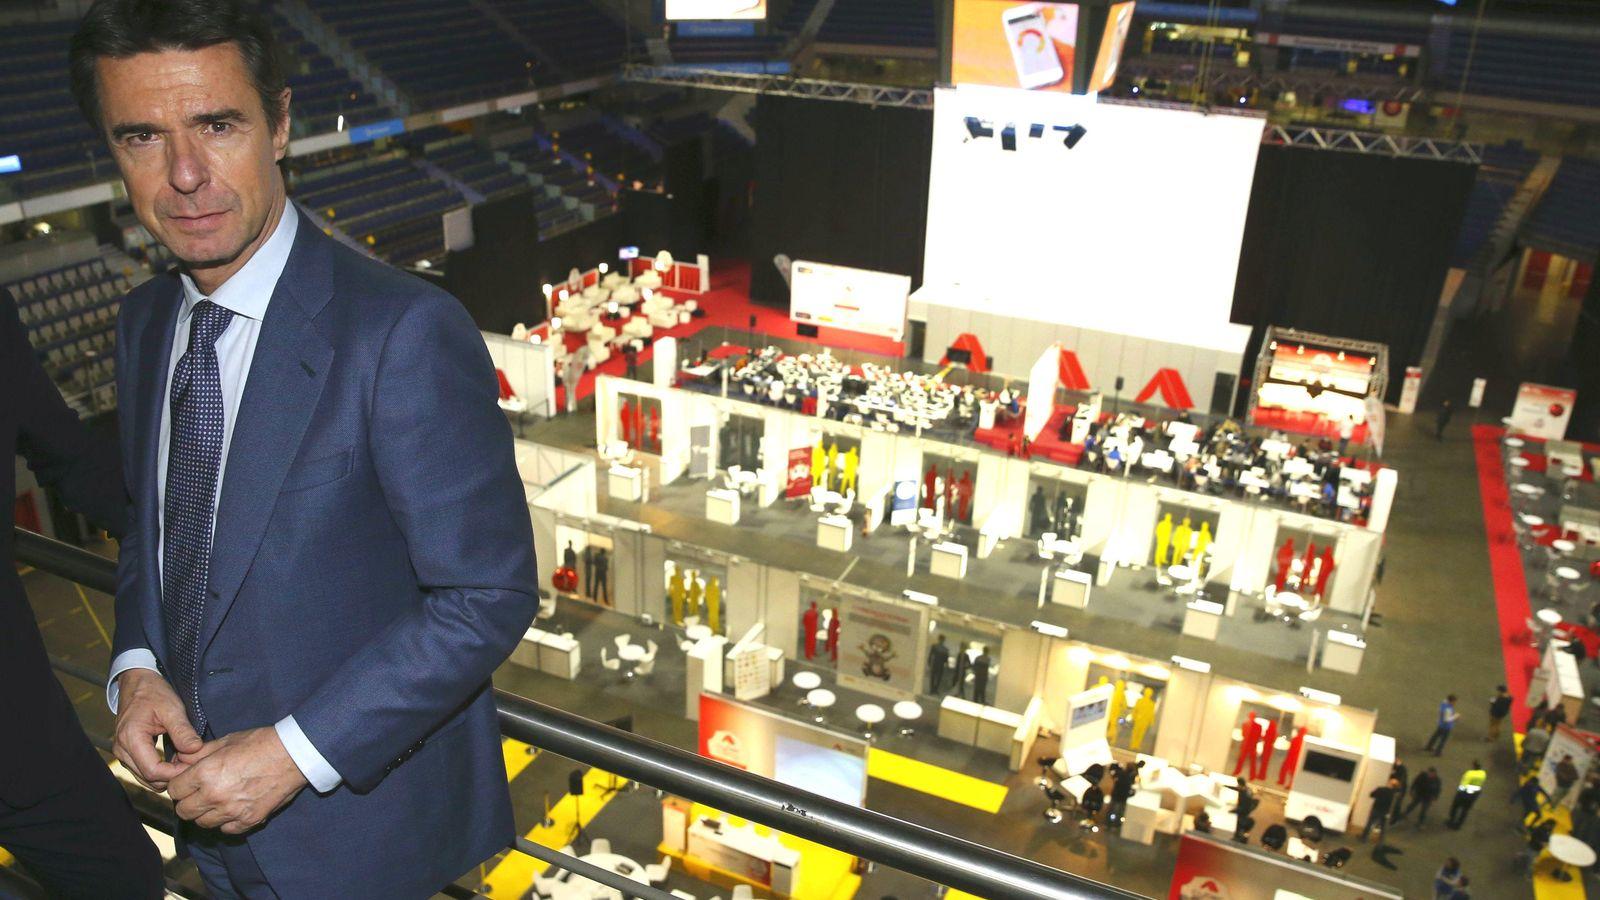 Foto: El ministro de Industria, Energía y Turismo, José Manuel Soria, durante su visita al evento CyberCamp 2015. (Foto: EFE)